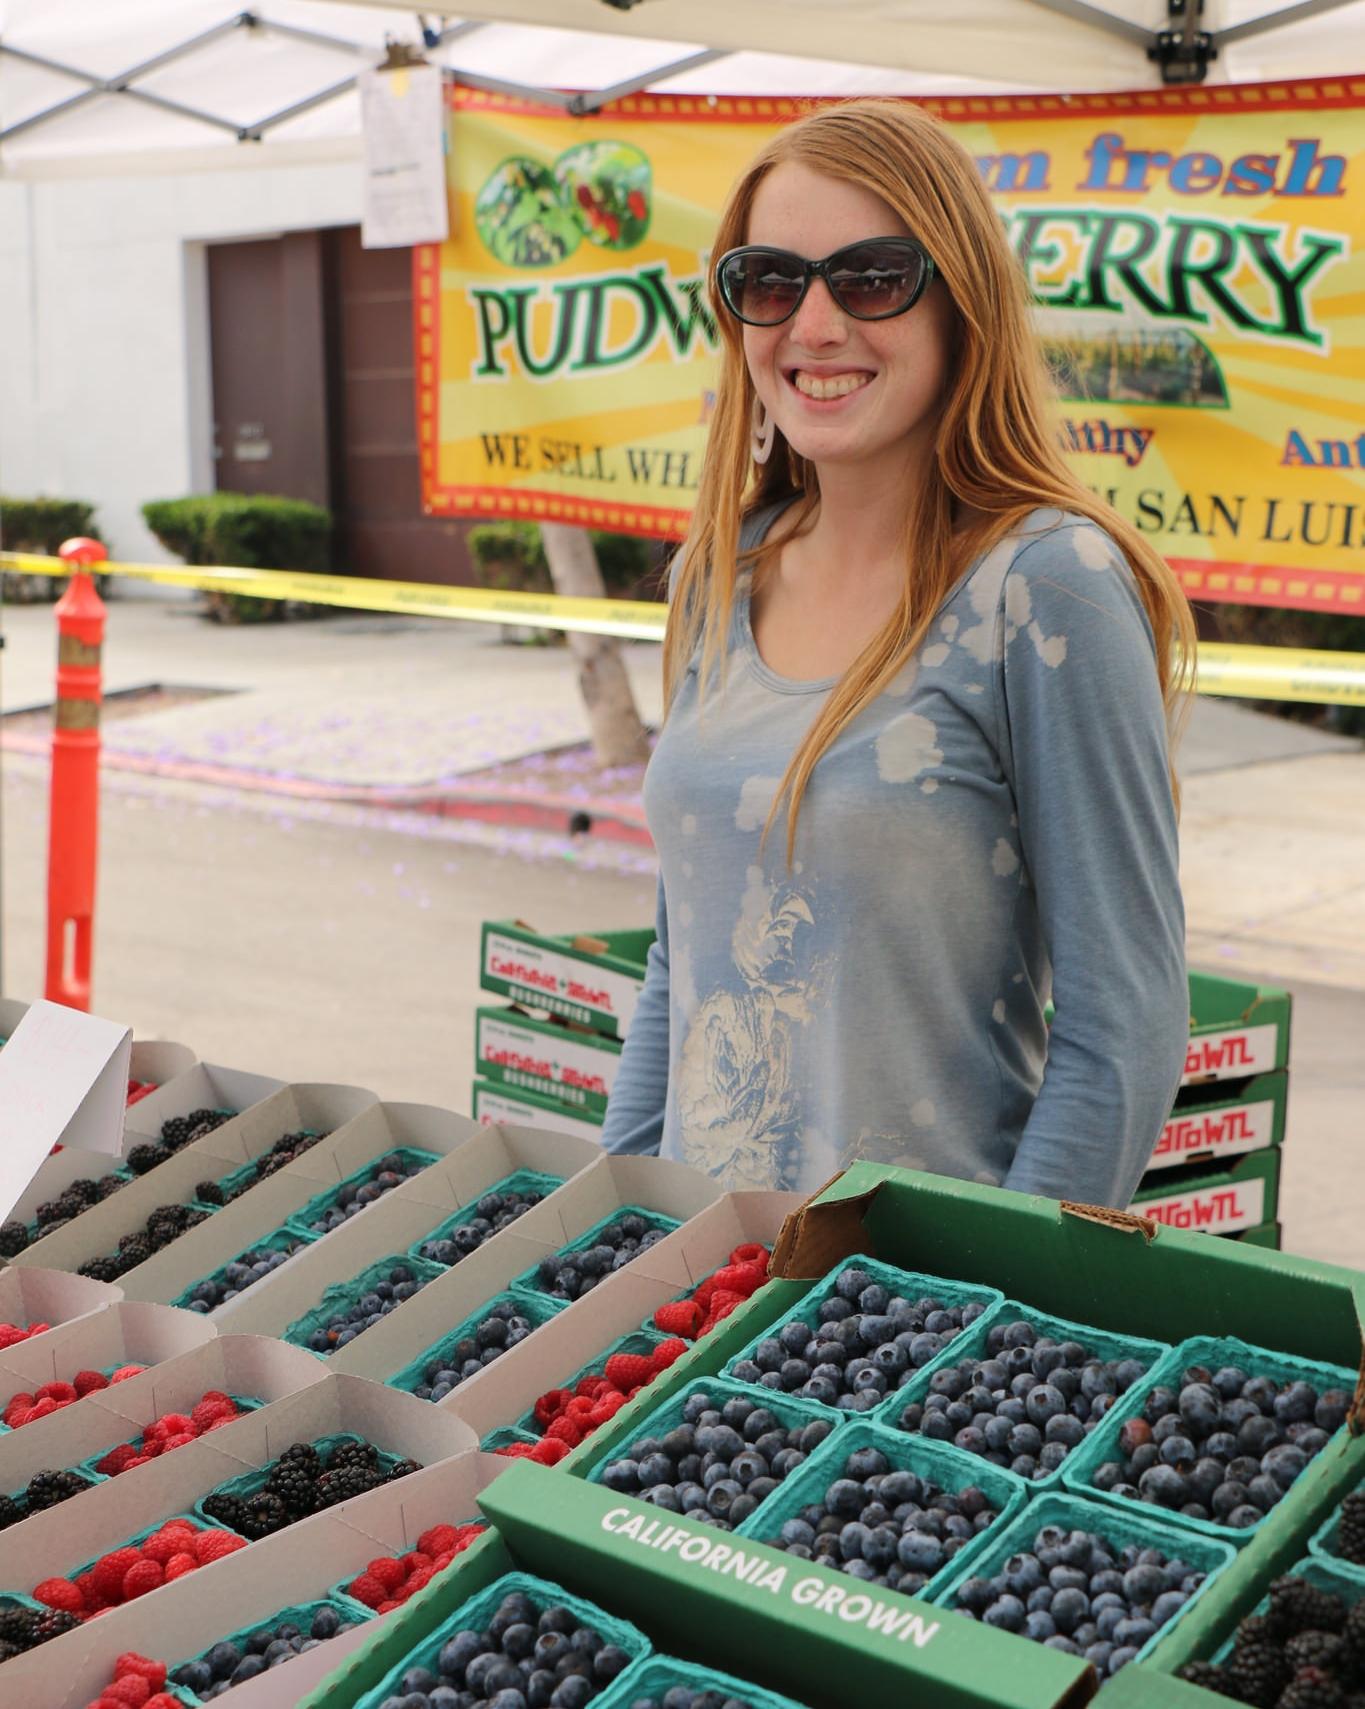 Lady Berries_23189793613_l.jpg